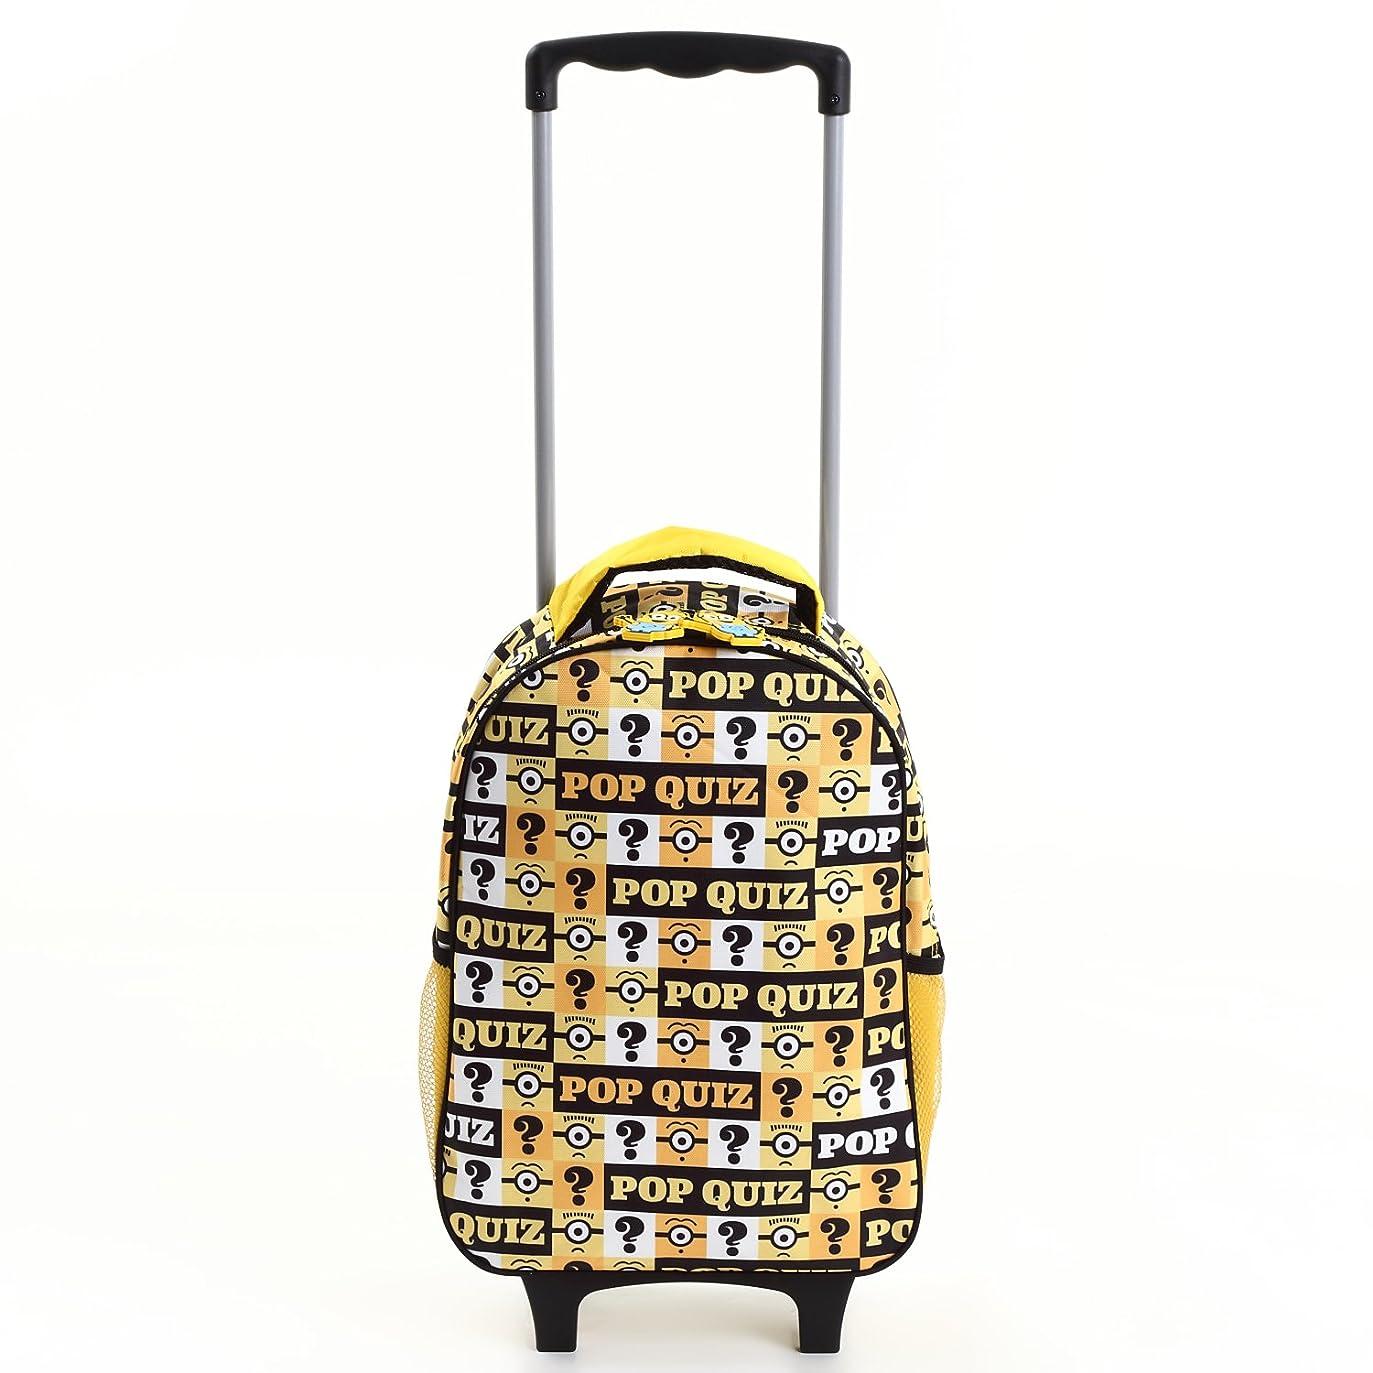 アルカトラズ島独立した知覚できるRiZKiZ キッズ キャリーケース & リュックサック セット 【ペンギン】 1泊2日用 スーツケース 子供用 ハンドル2段階調整 キャスター付 取っ手付